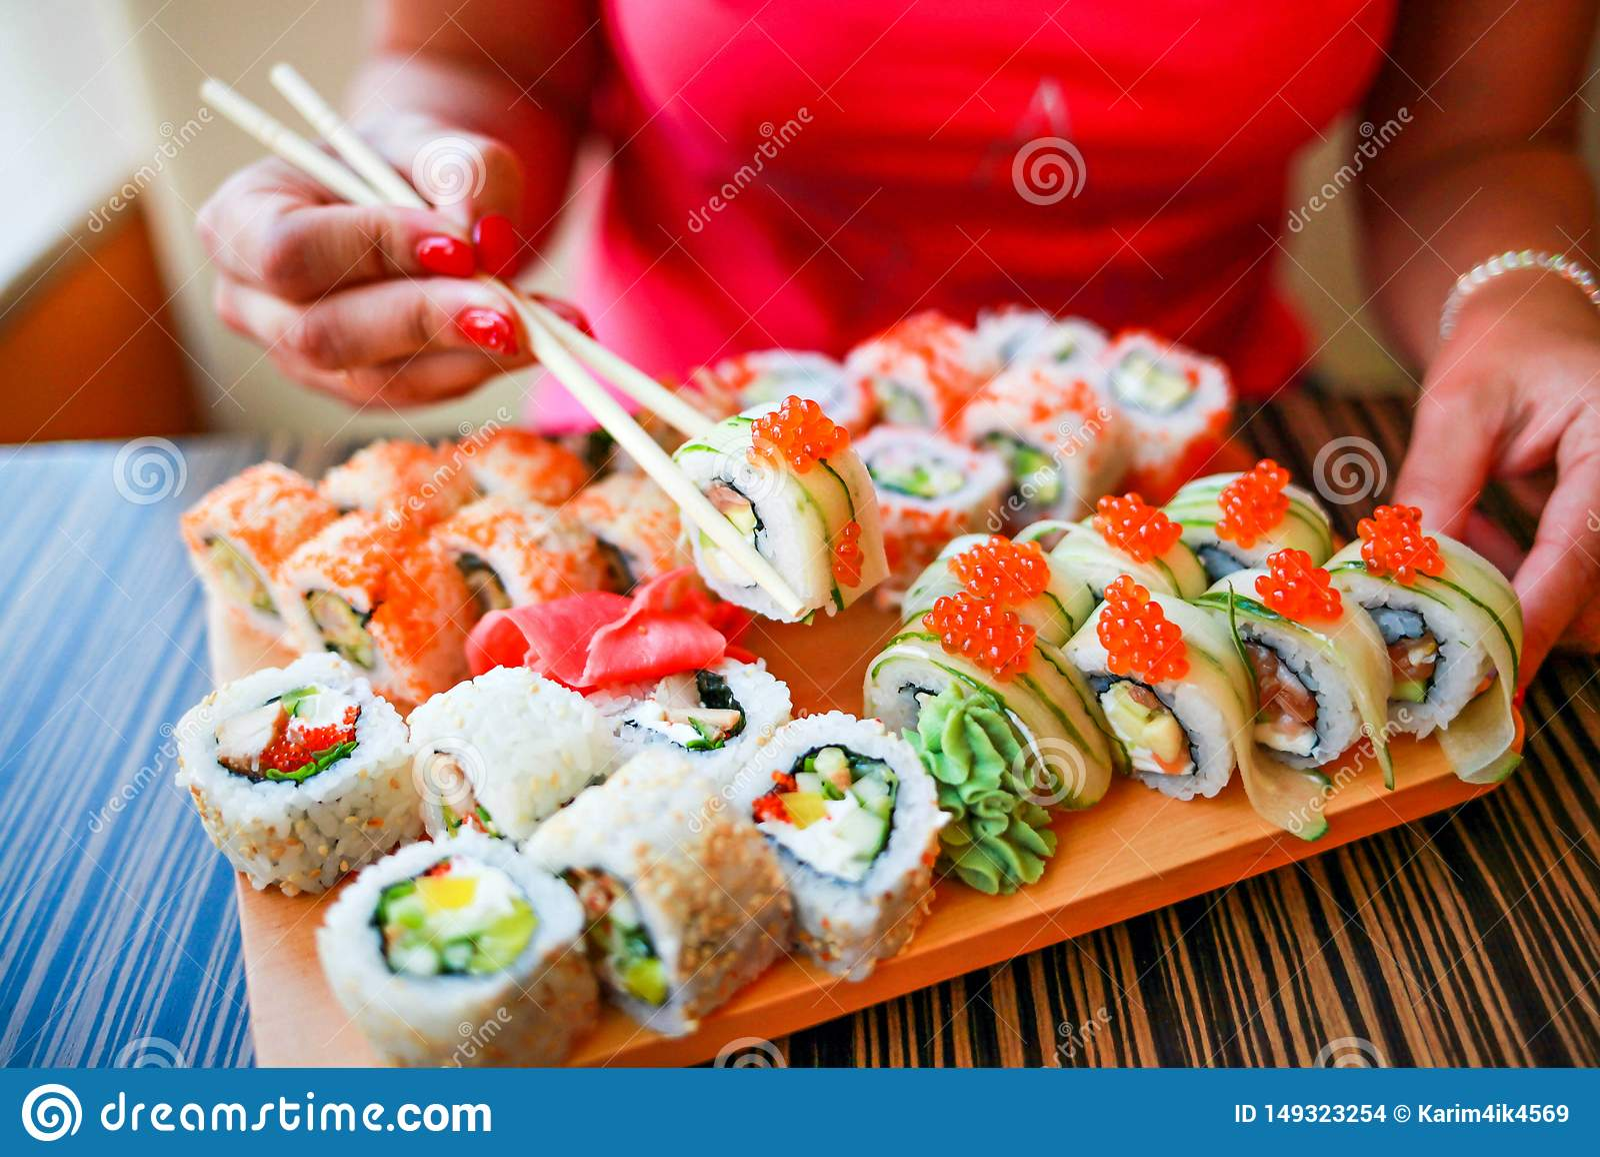 La muchacha con las manos bien arregladas sostiene los palillos para el sushi La muchacha come un sistema grande del sushi